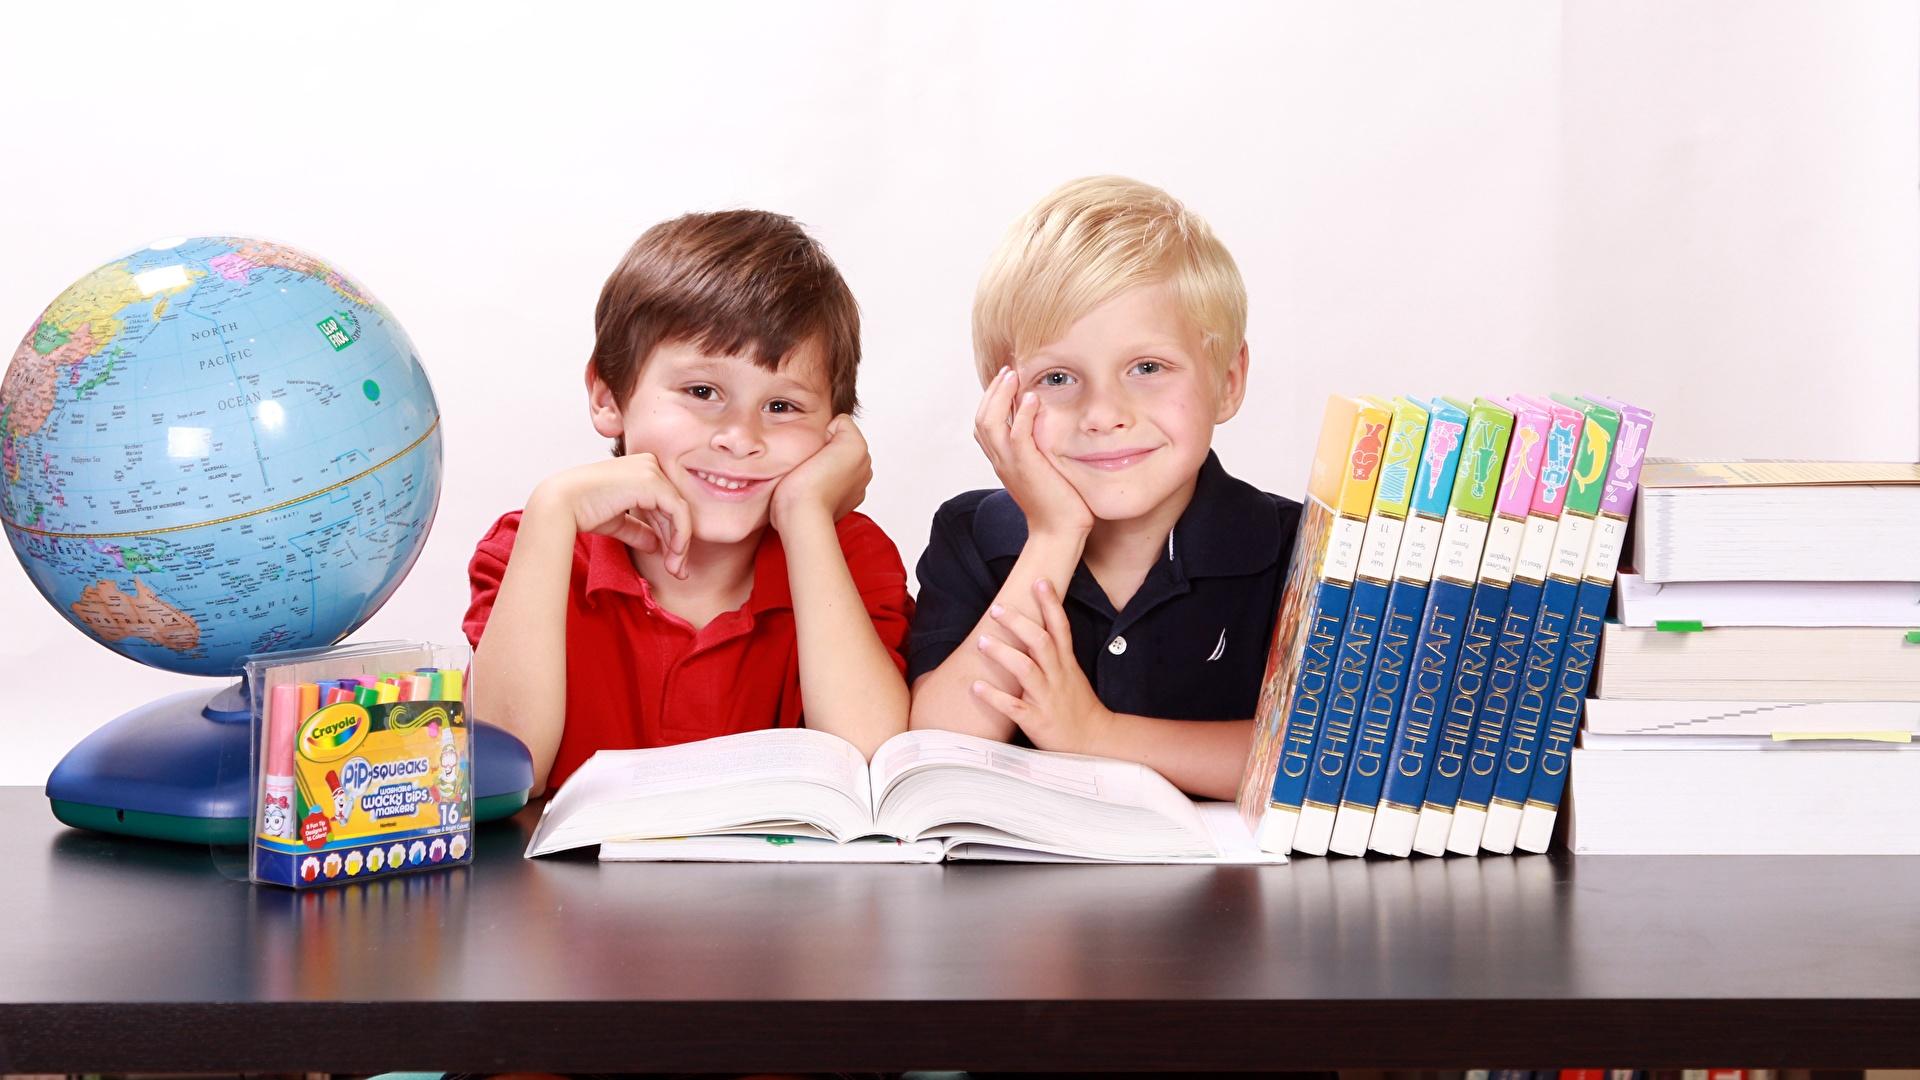 Hintergrundbilder Junge Schule Globus Lächeln Kinder Zwei Buch Sitzend 1920x1080 2